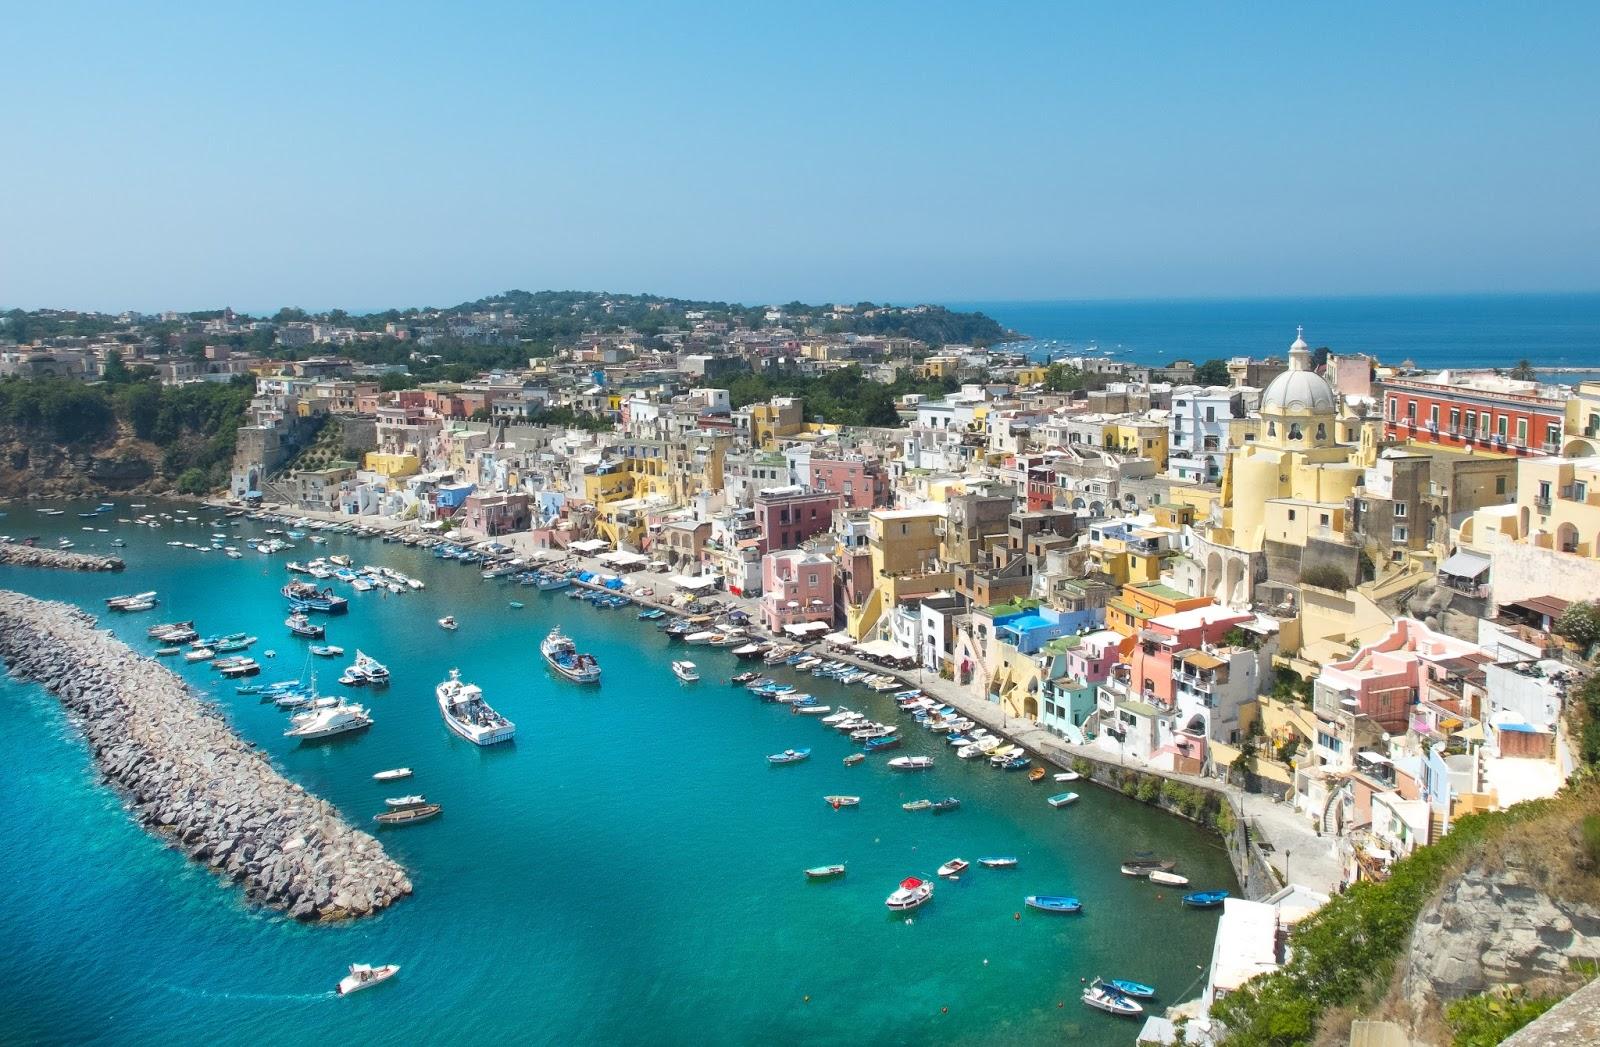 Visiter Naples: choses faire et voir absolument - Noobvoyage